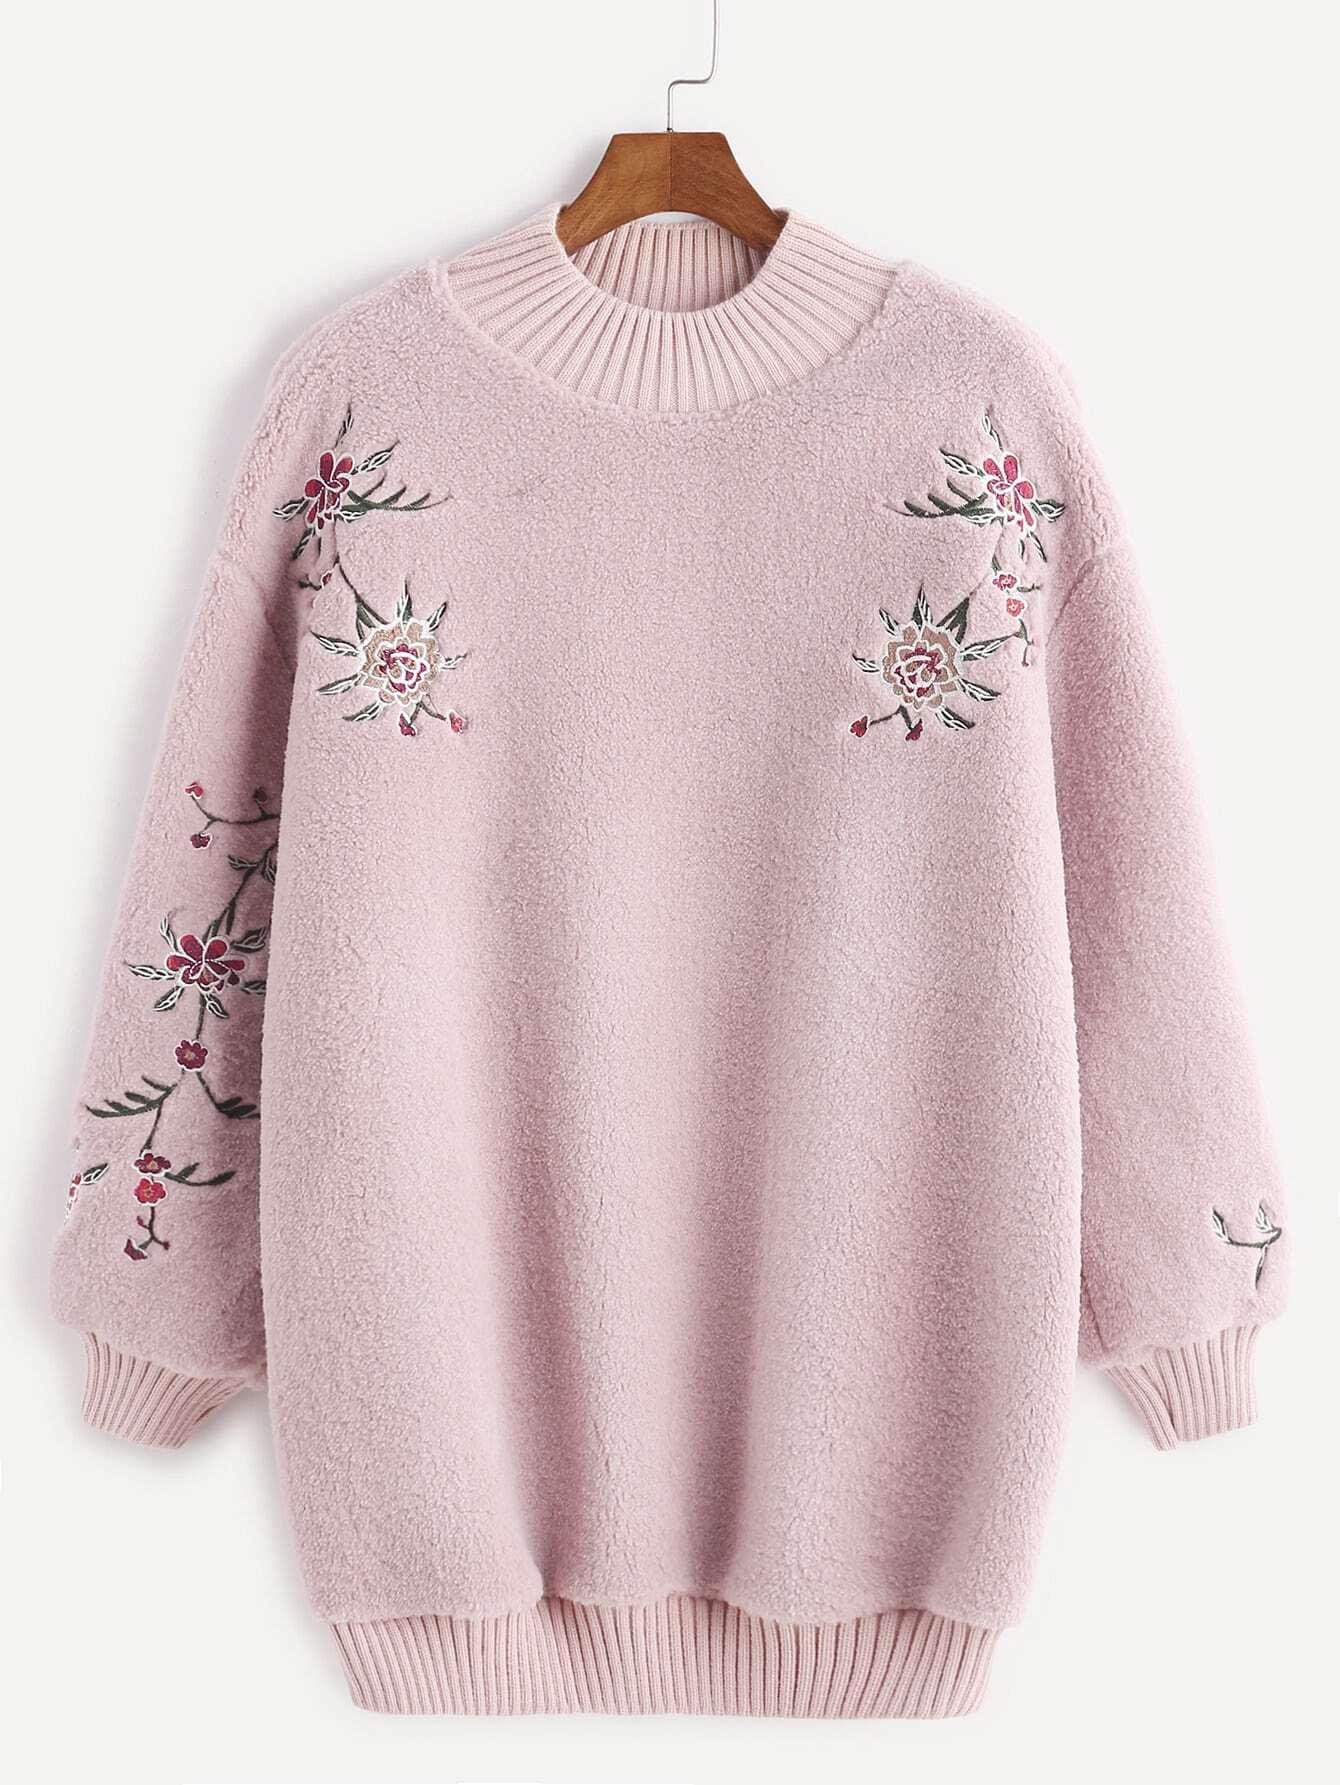 sweatshirt161215102_2